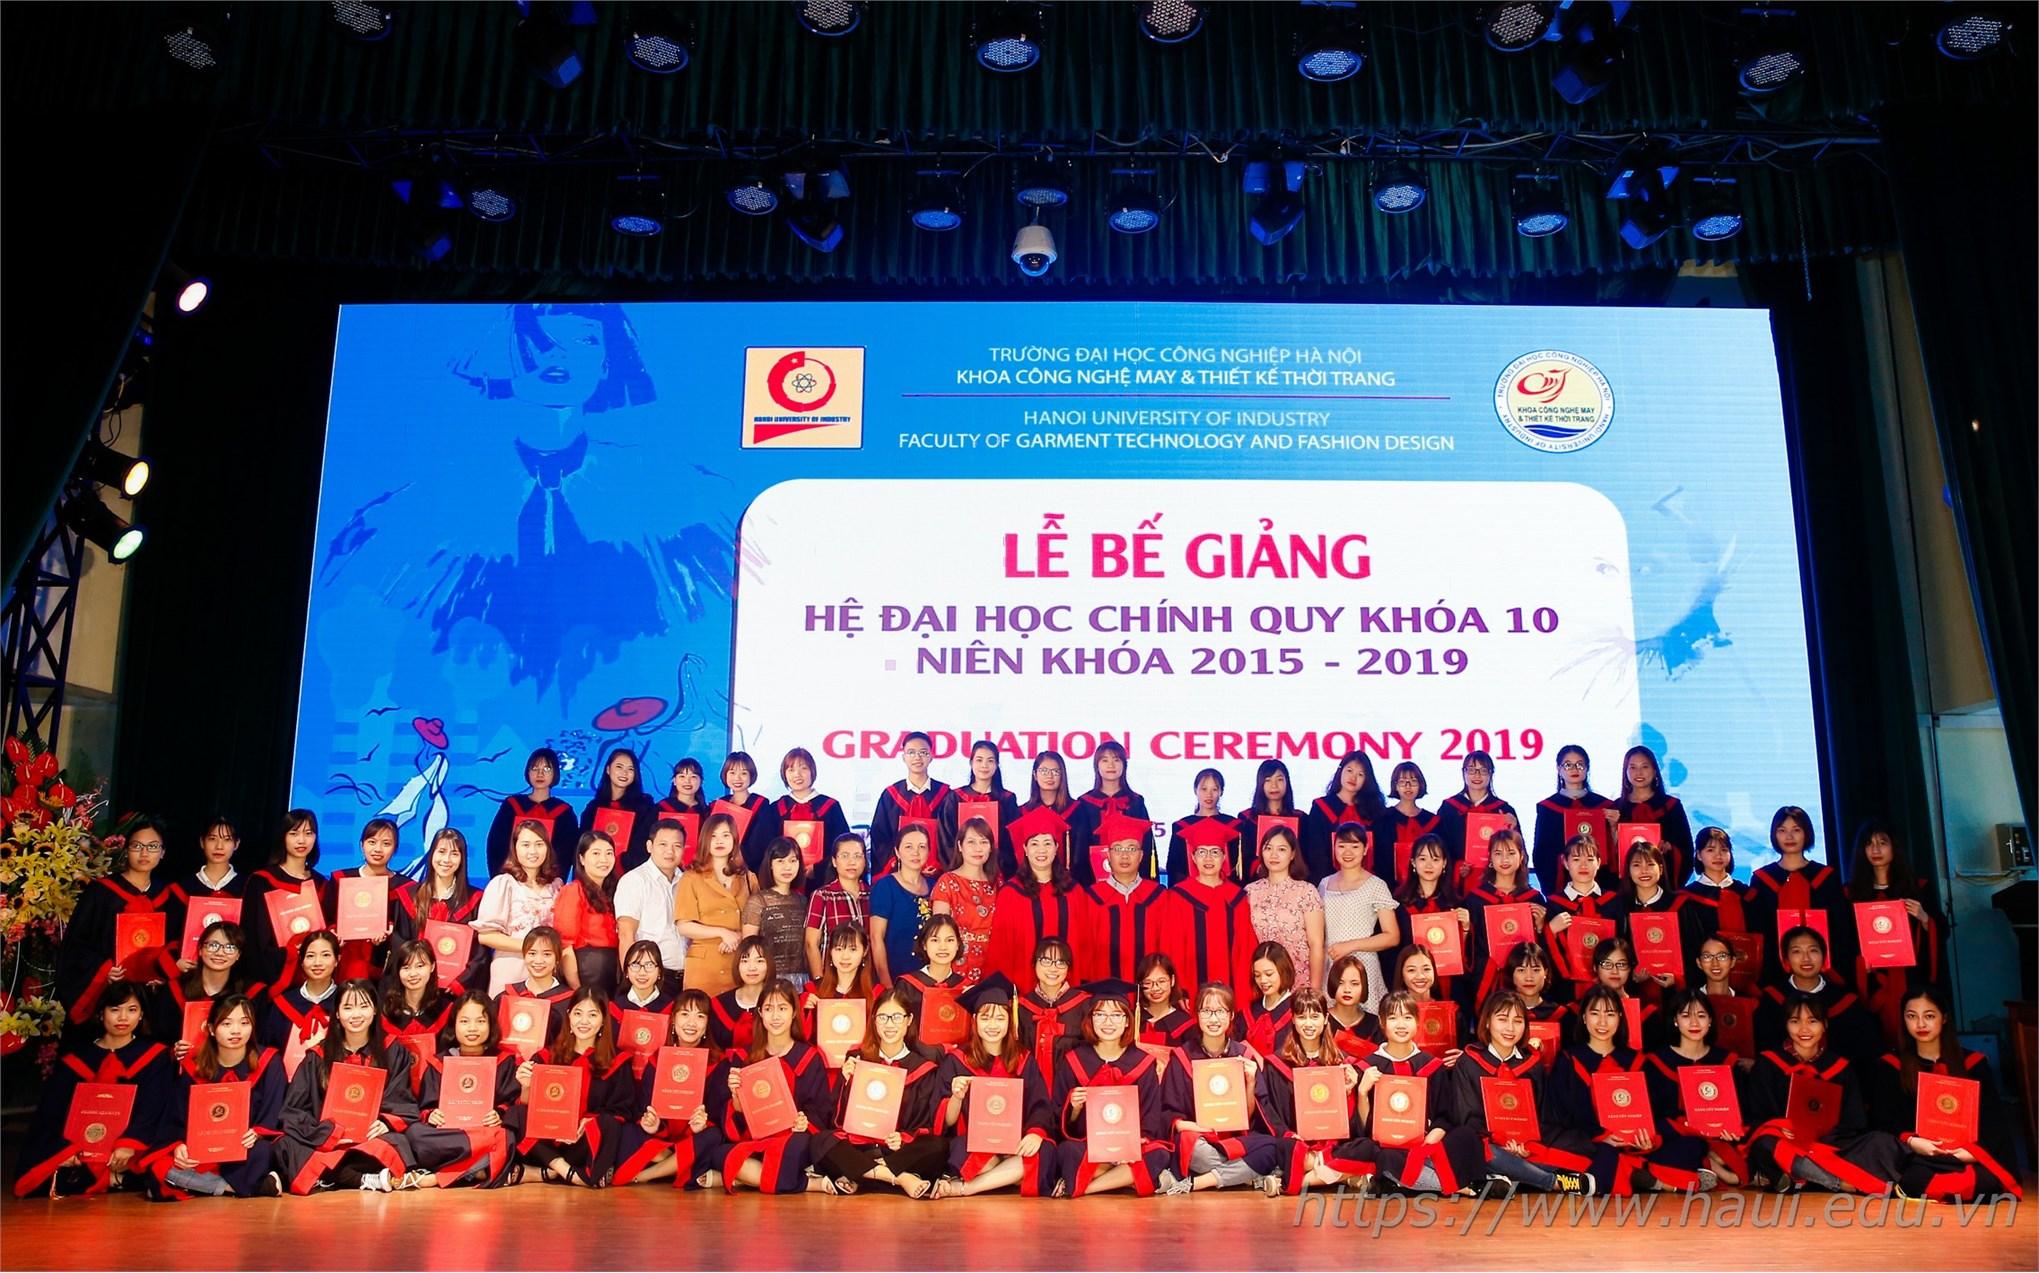 Lễ Bế giảng và trao bằng tốt nghiệp cho sinh viên Đại học Công nghiệp Hà Nội